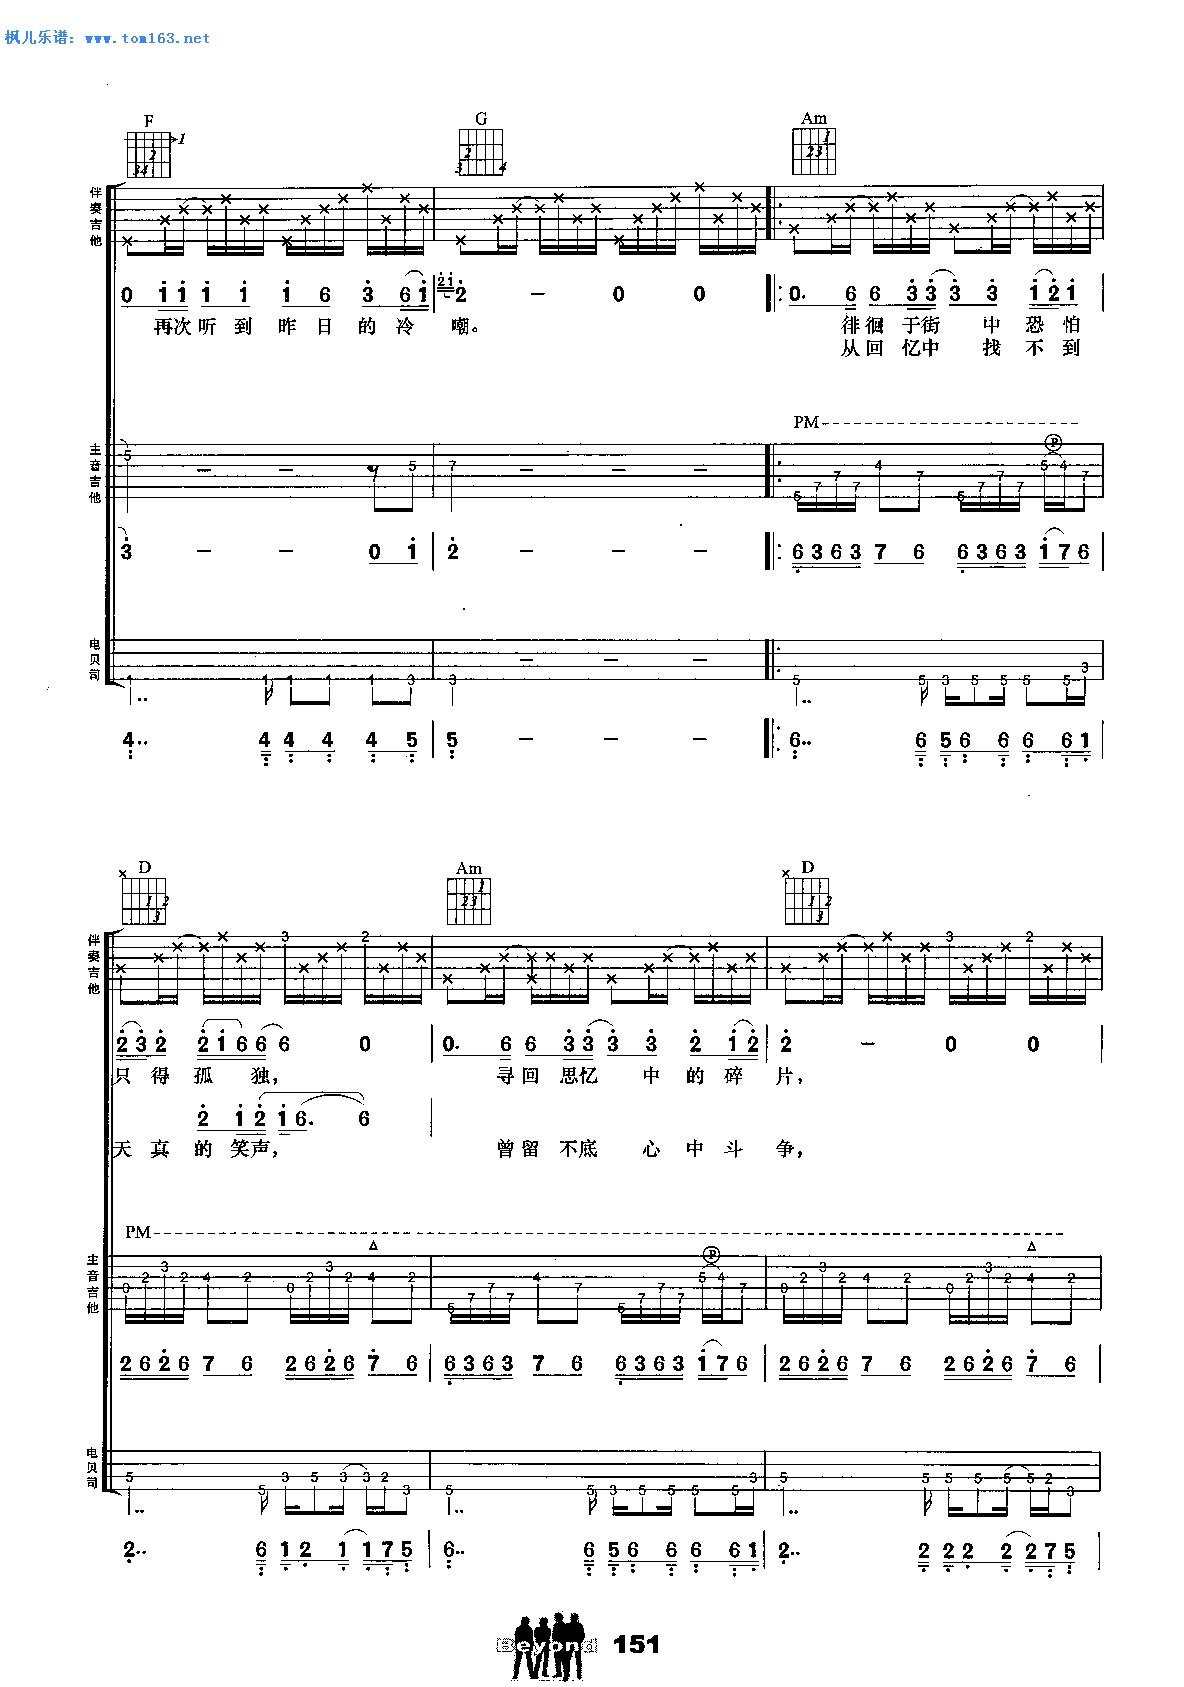 枫儿乐谱 乐谱库 乐器演奏乐谱 吉他谱 >> 正文:午夜怨曲